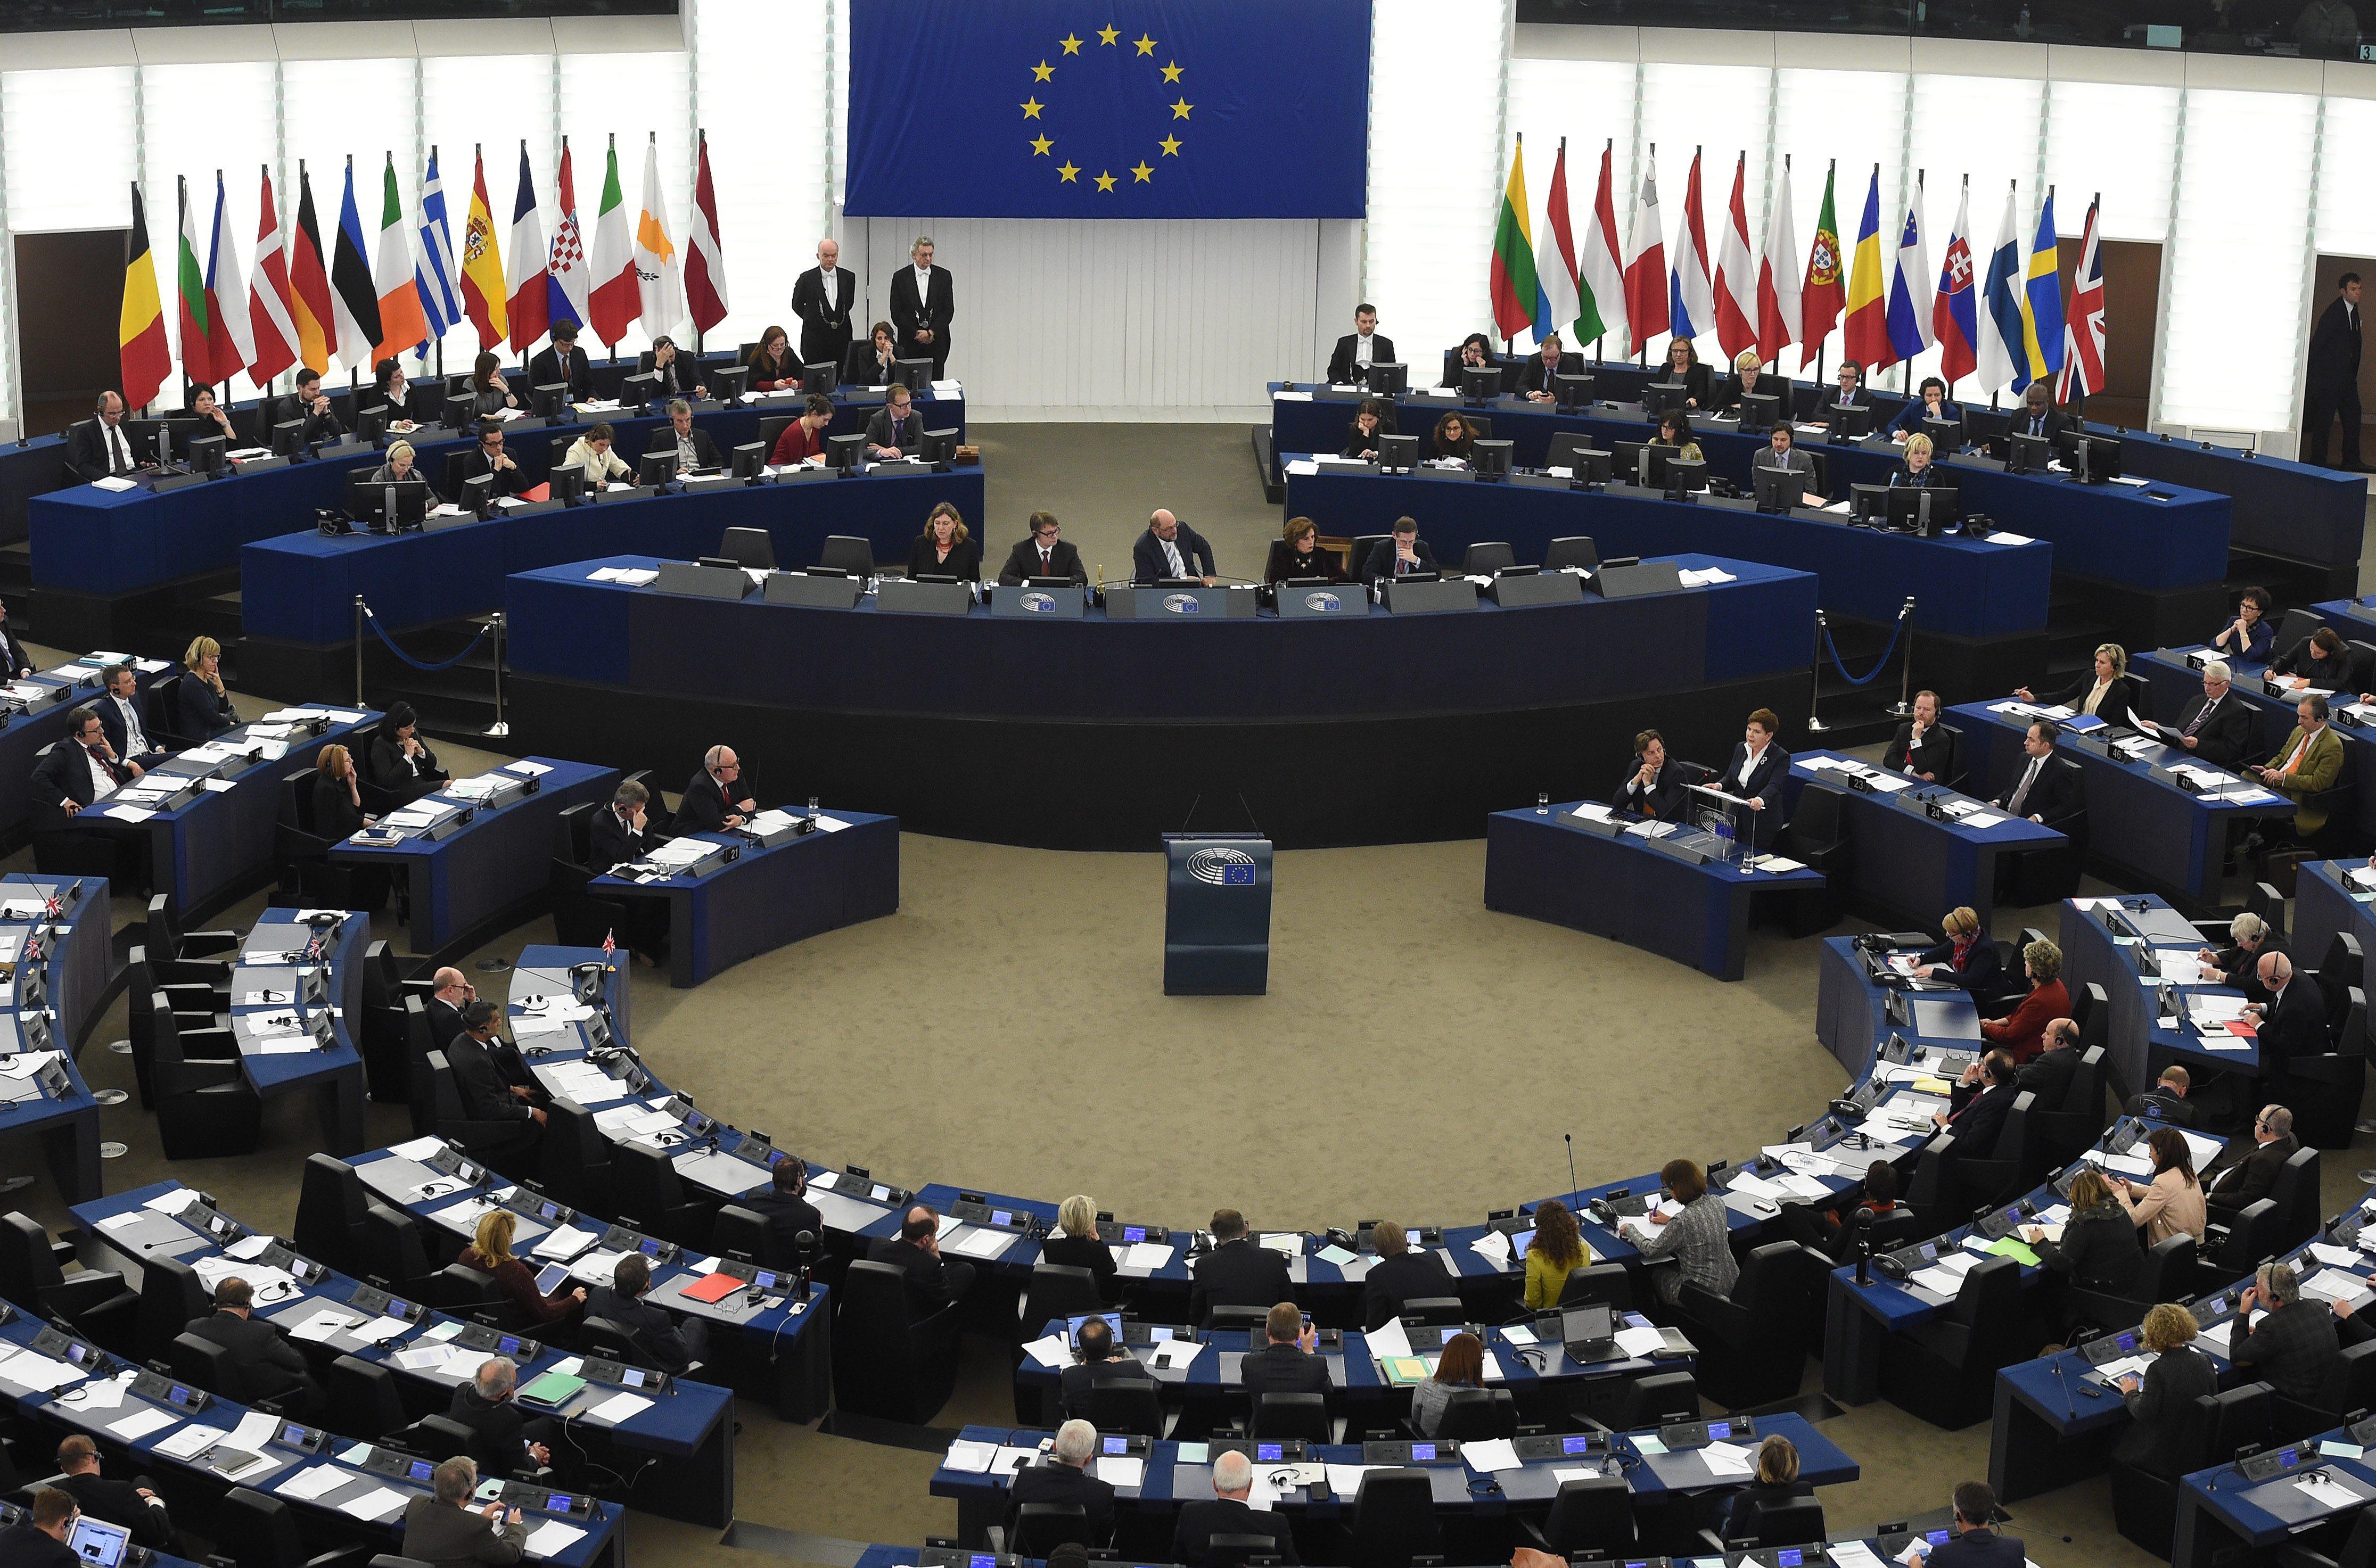 Znalezione obrazy dla zapytania parlament europejski